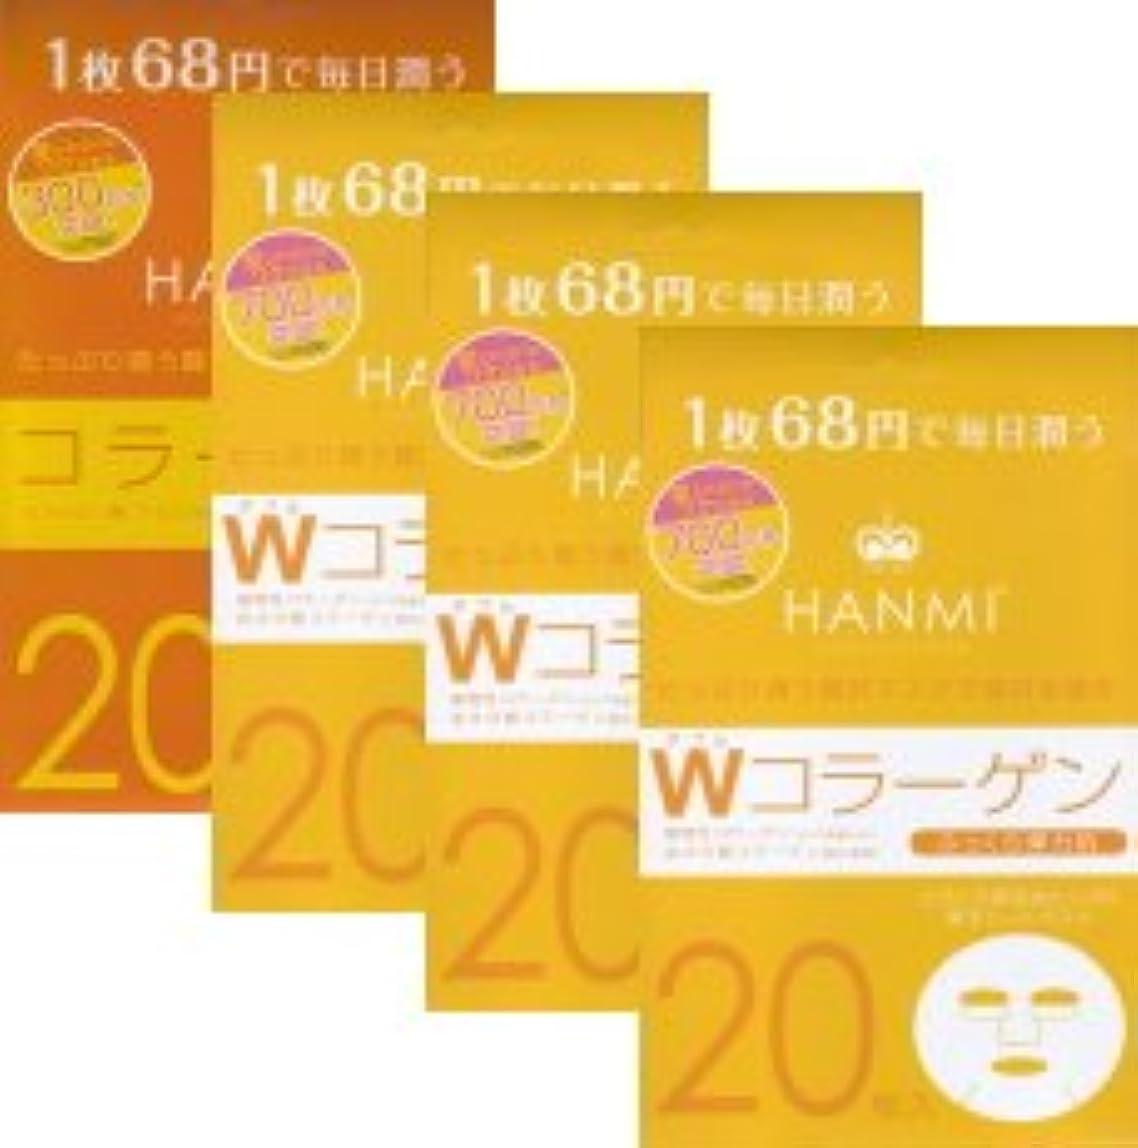 カフェテリアトマト聖なるMIGAKI ハンミフェイスマスク(20枚入り)「コラーゲン×1個」「Wコラーゲン×3個」の4個セット